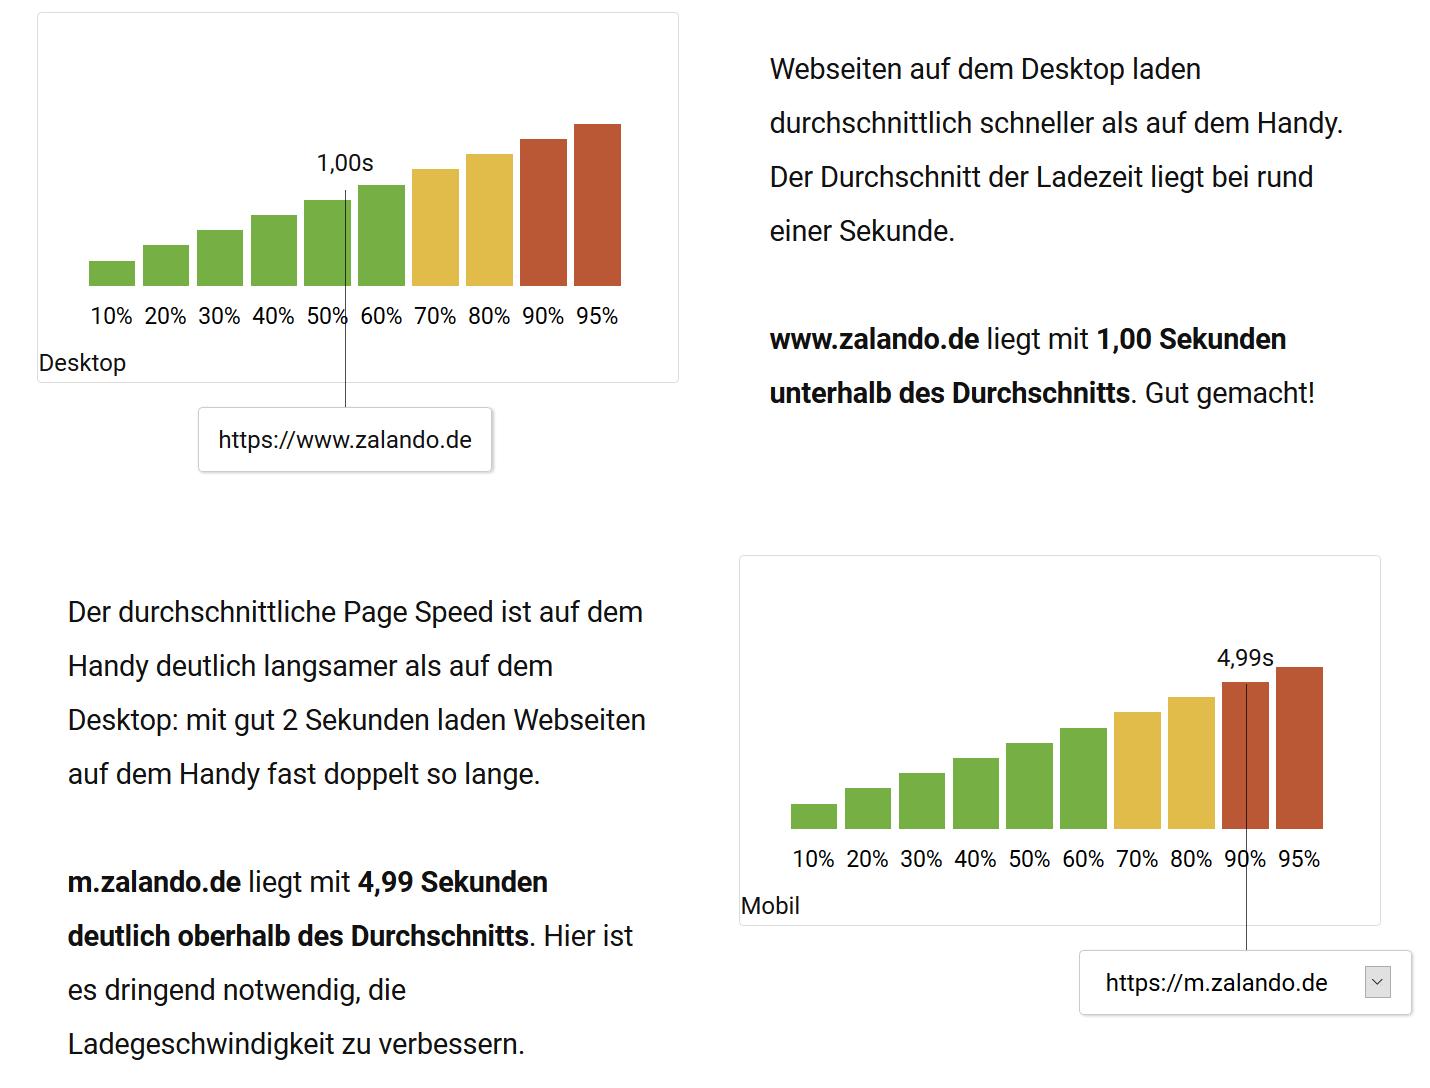 Auszug aus dem SISTRIX PageSpeed Tool für zalando.de. Es werden die durchschnittlichen Desktop und Mobilen Ladezeiten angezeigt, sowie eine Einordnung in welches Percentil die Webseite damit fällt.